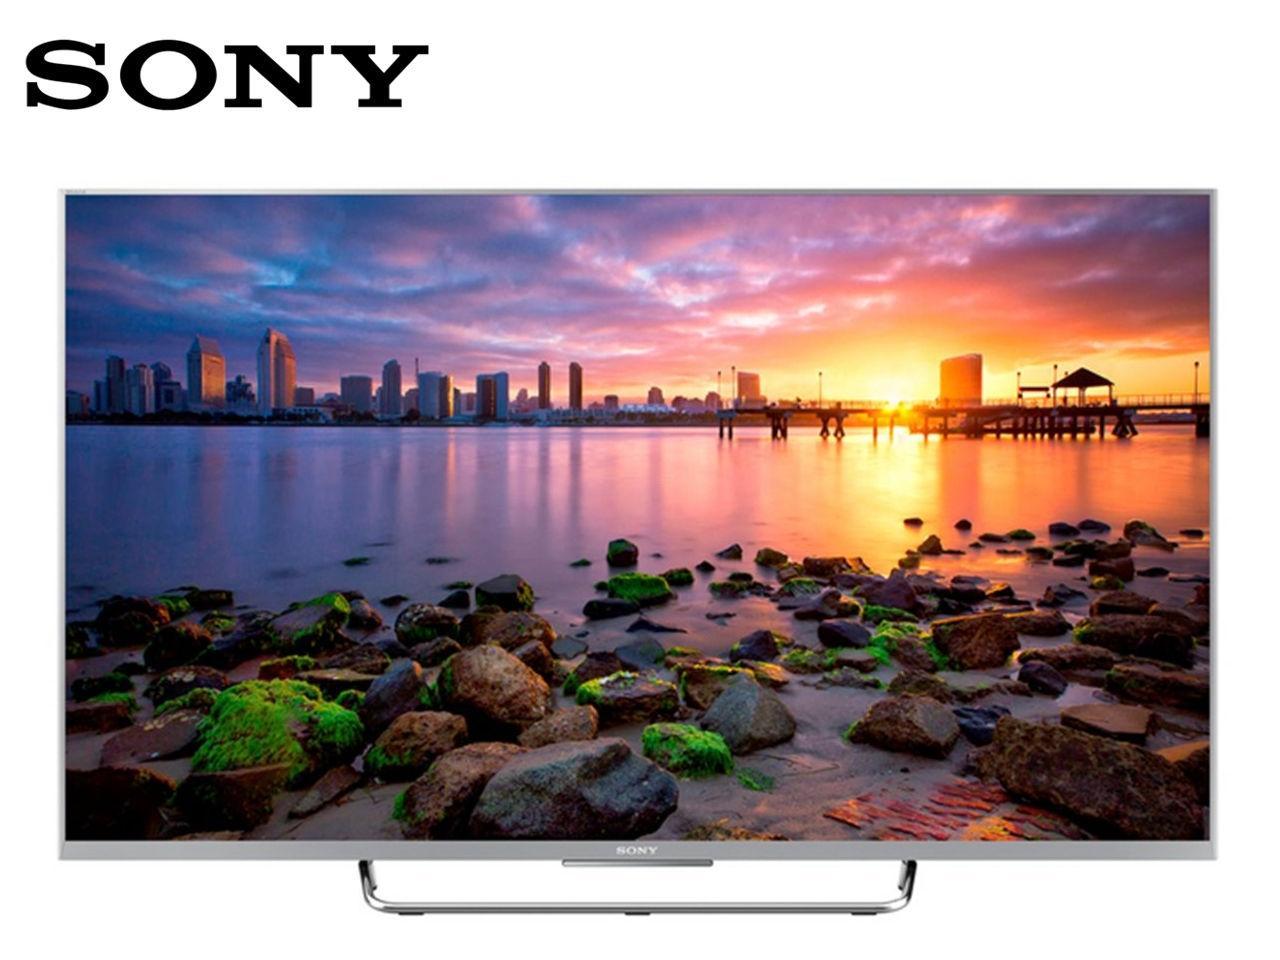 SONY KDL-43W756C + 500 Kč na dárky nebo další nákup | CHAT on-line podpora PO-PÁ 8-22.00!!